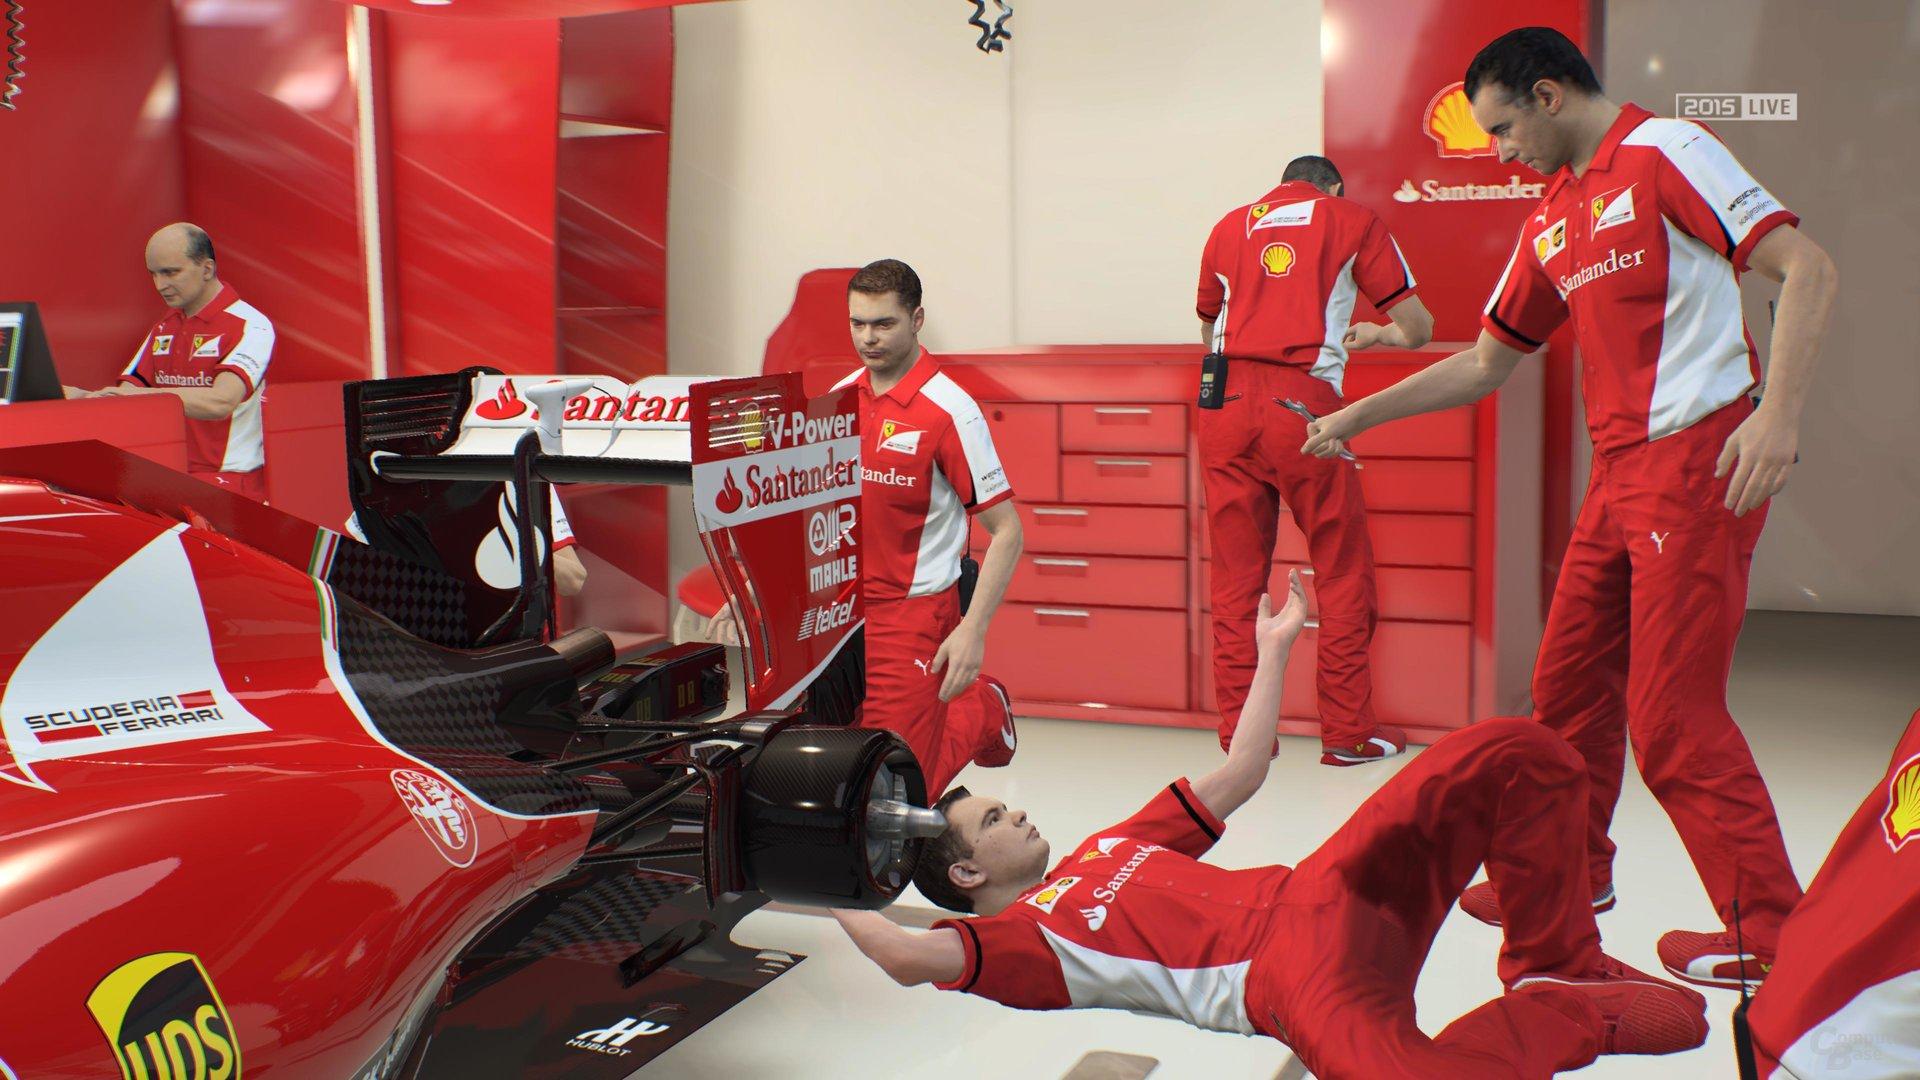 F1 2015 wagt einen zaghaften Blick hinter die Kulissen